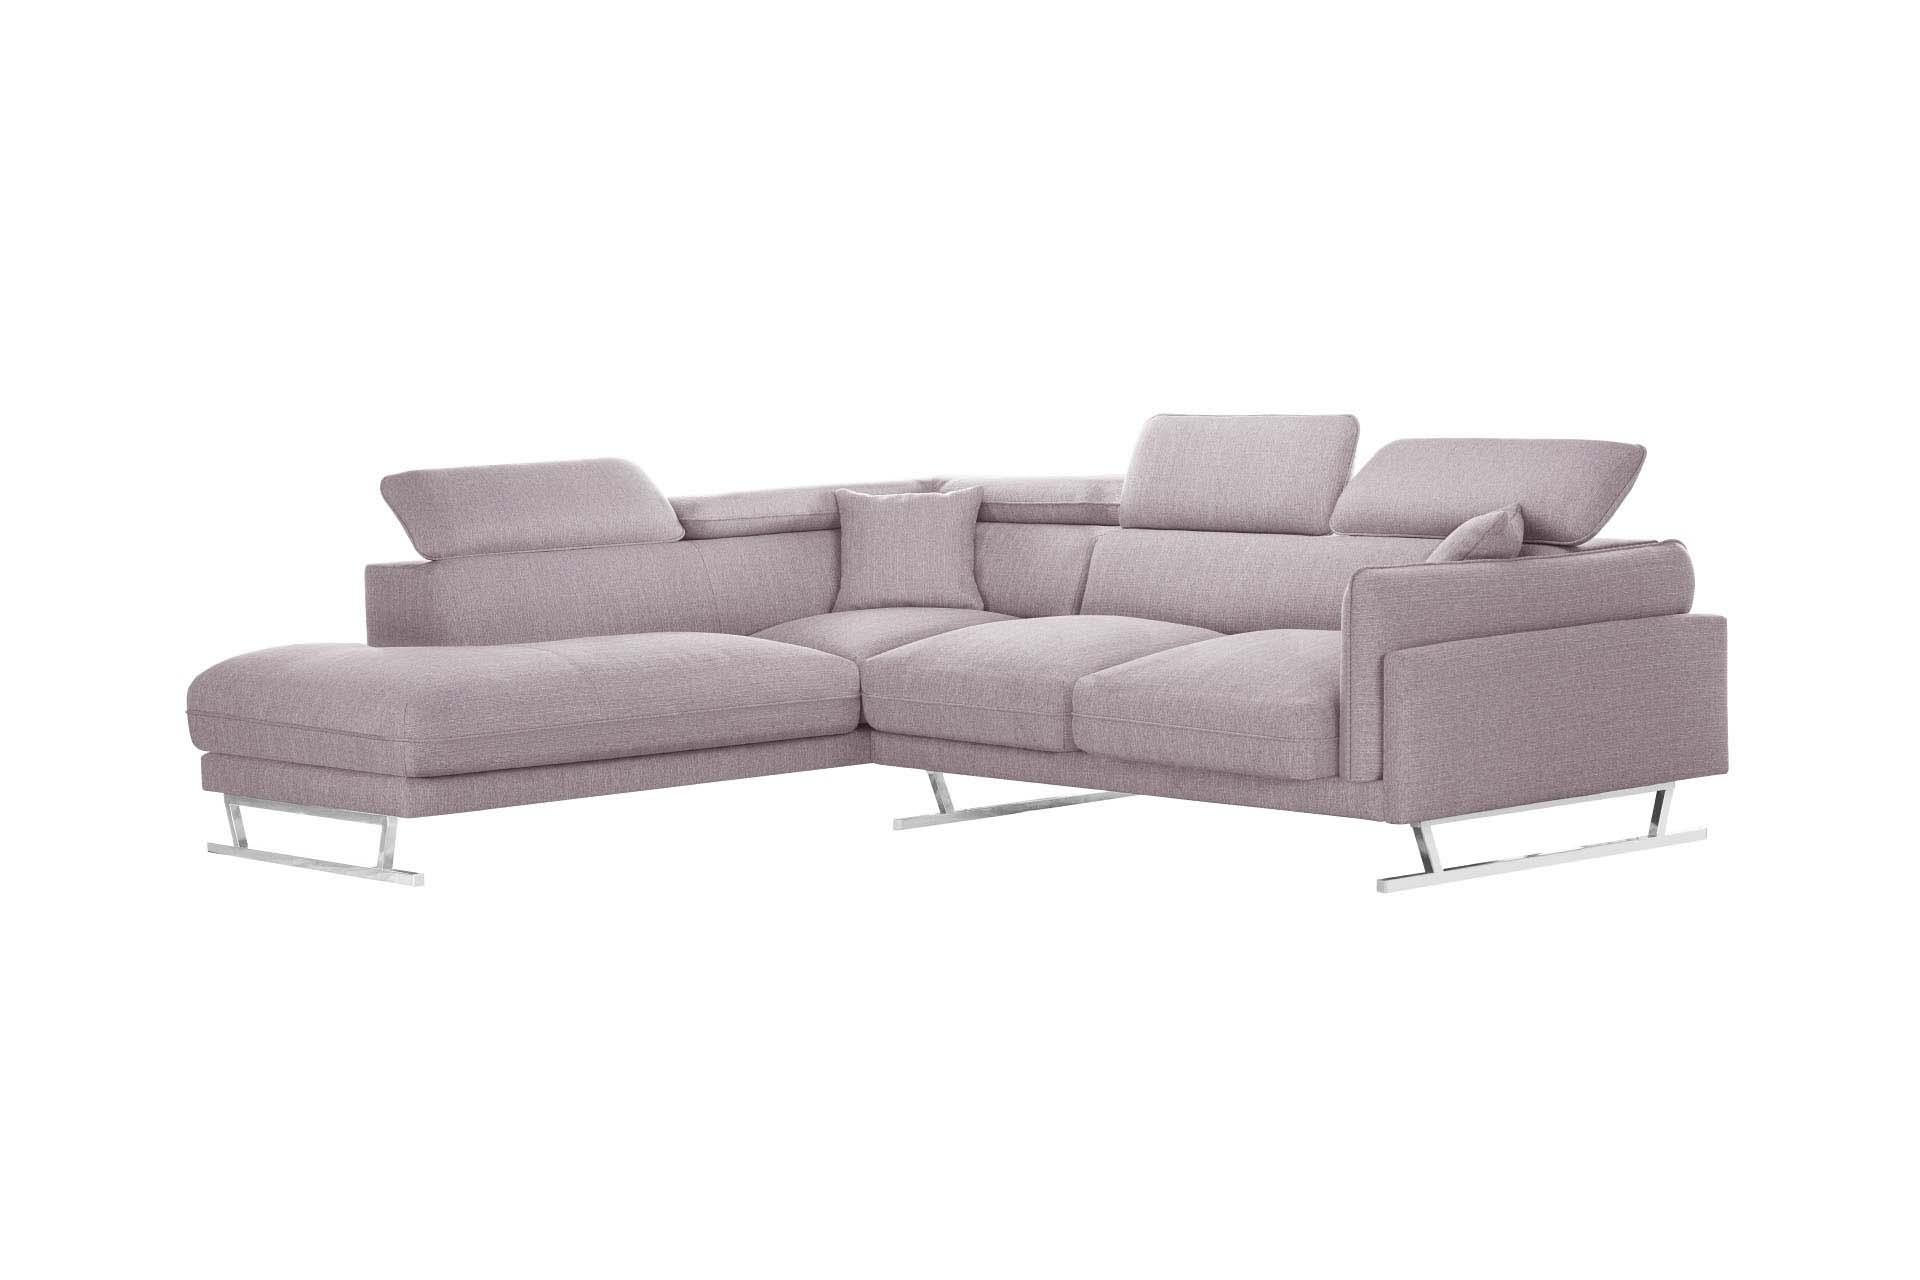 Canapé d'angle gauche 6 places toucher lin rose poudré